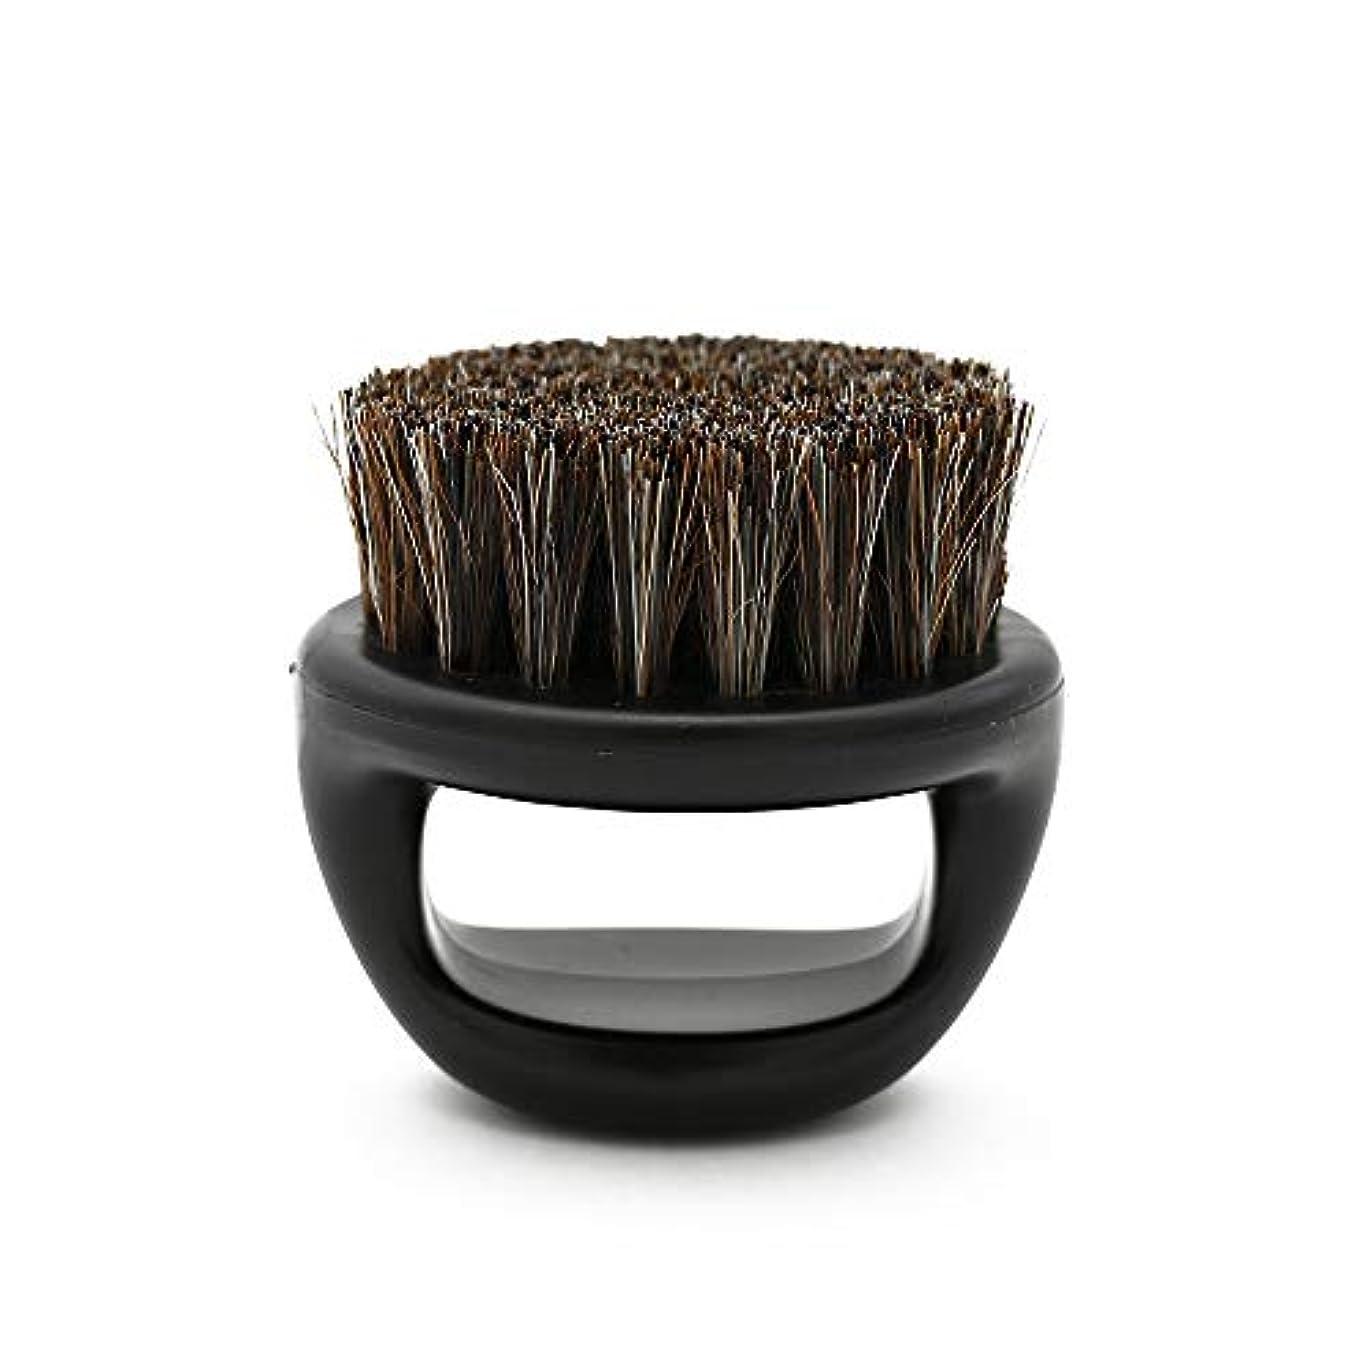 資料非アクティブシャベルTOOGOO 1個リングデザイン馬毛メンズシェービングブラシプラスチック製の可搬式理容ひげブラシサロンフェイスクリーニングかみそりブラシ(ブラック)